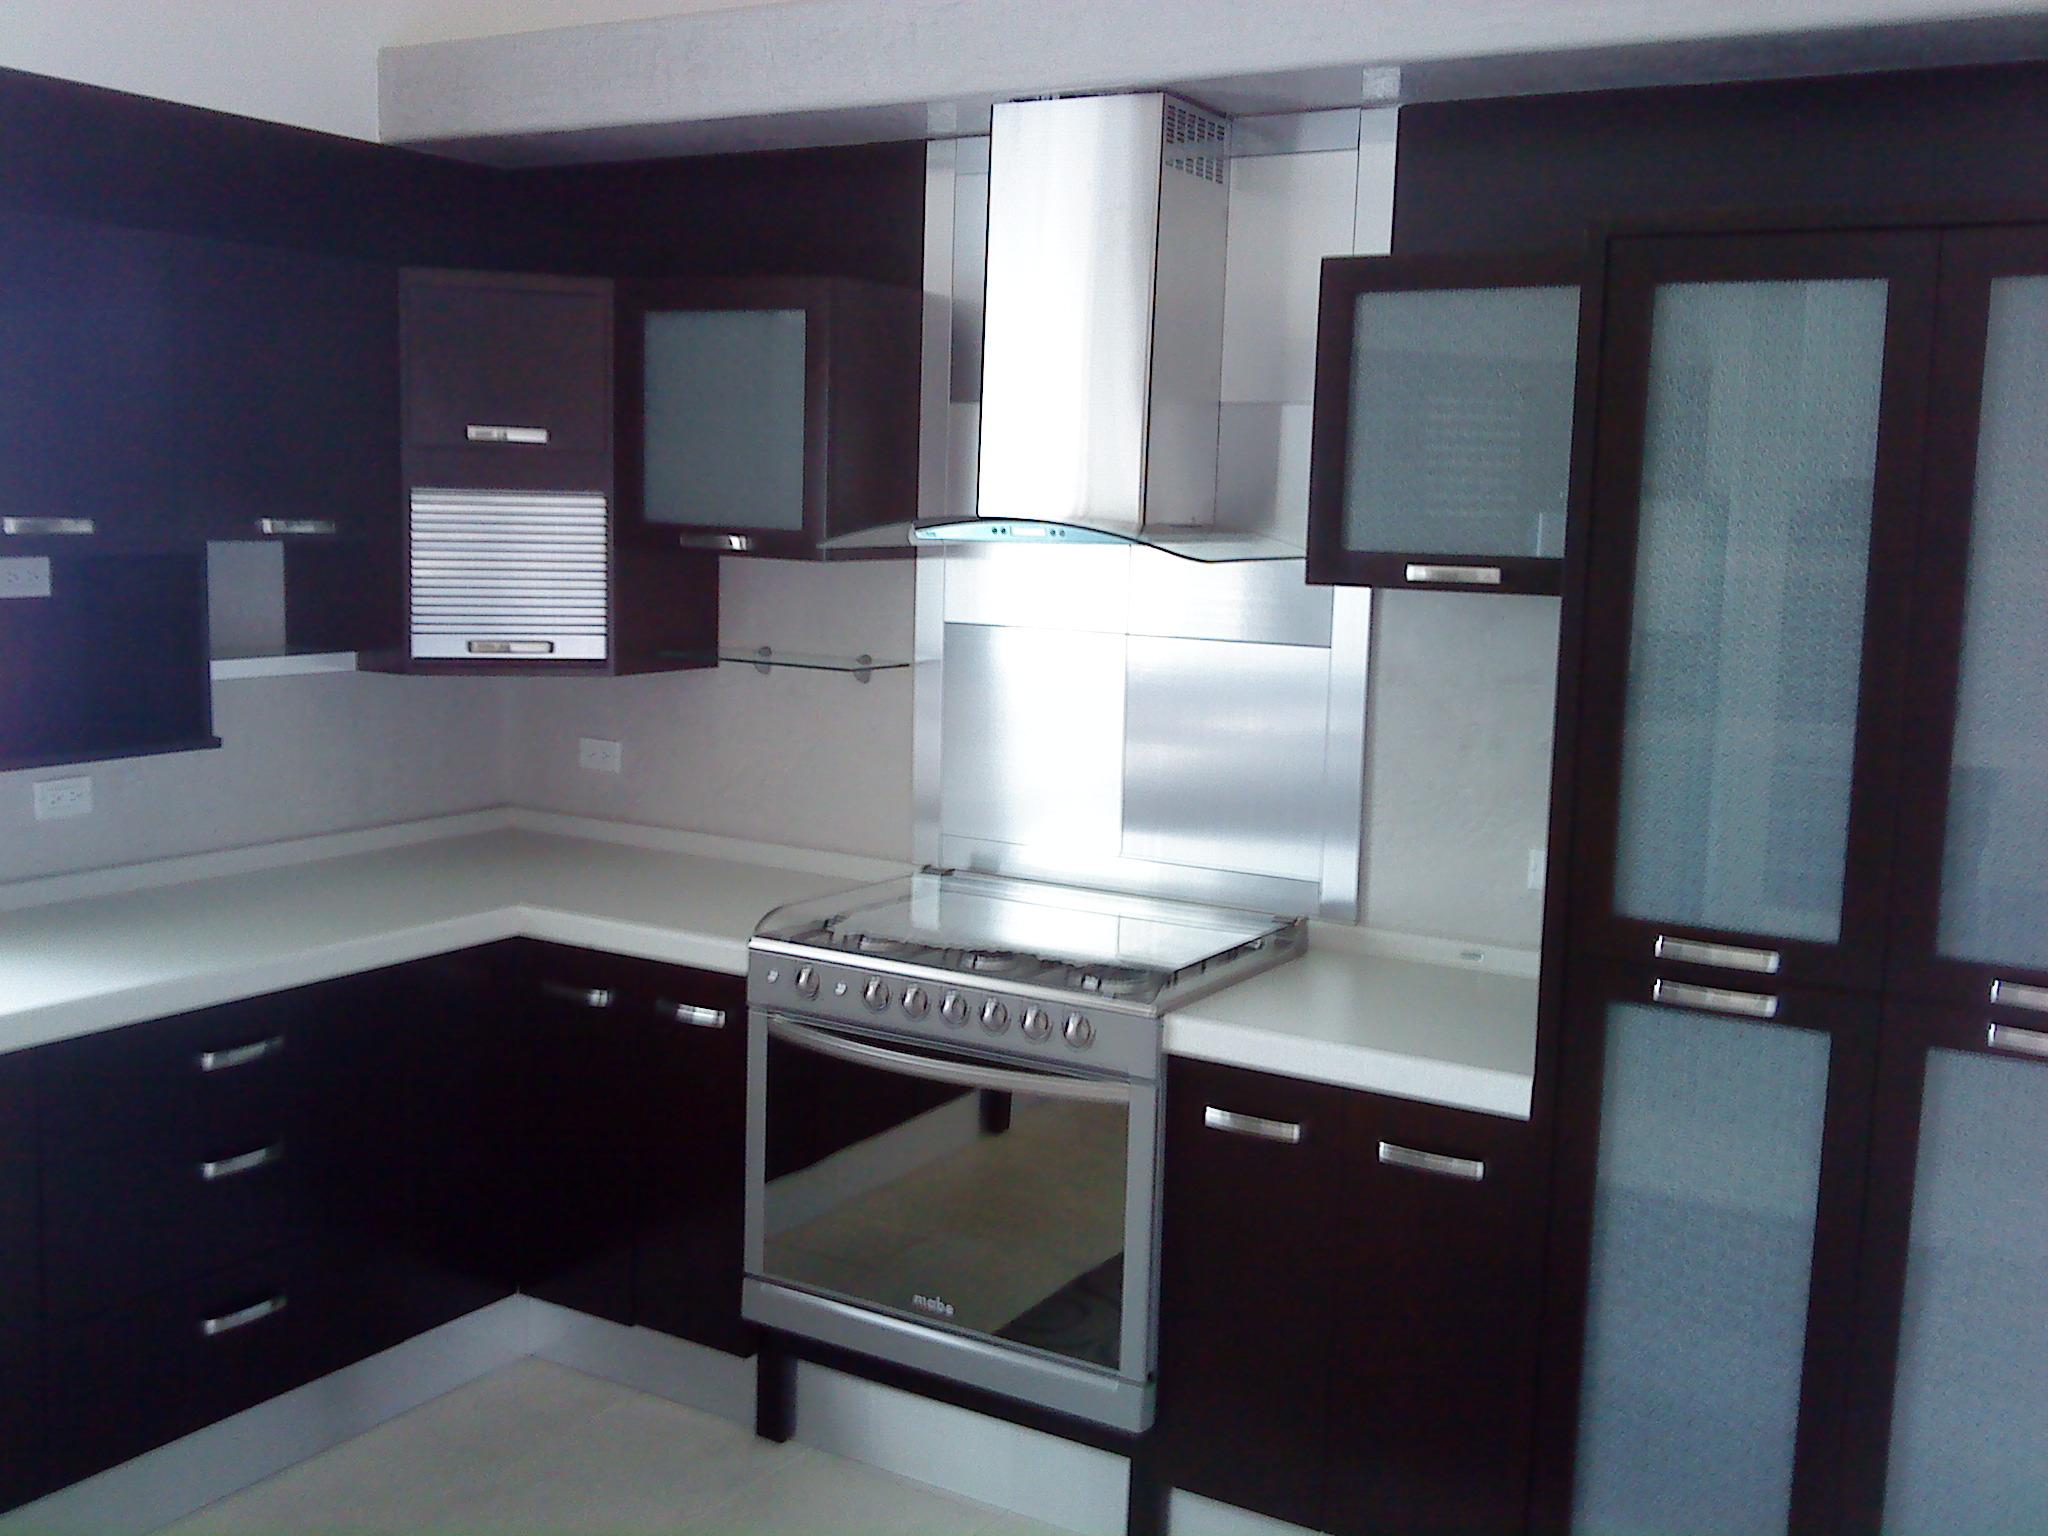 Woodwork cocinas modulares ensenada for Cocinas interiores fotos